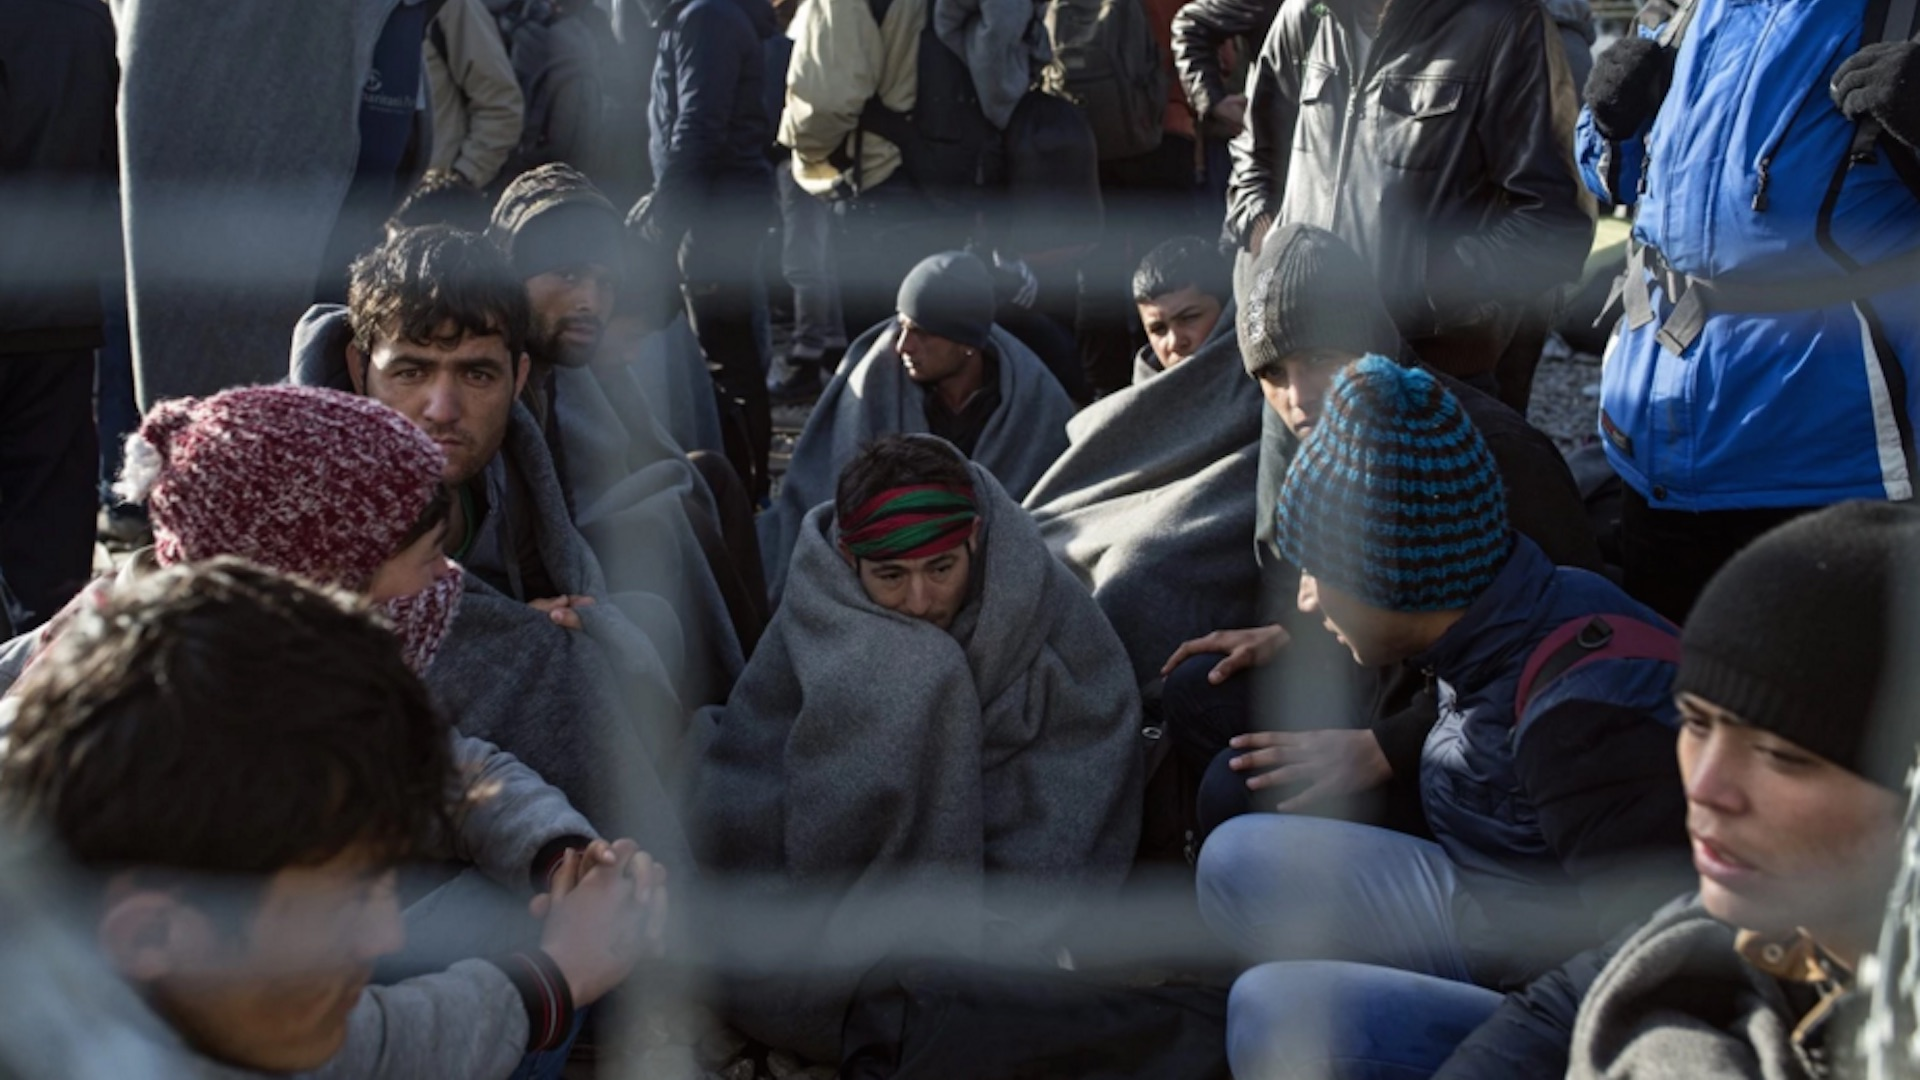 Migrants find doors slamming shut across Europe